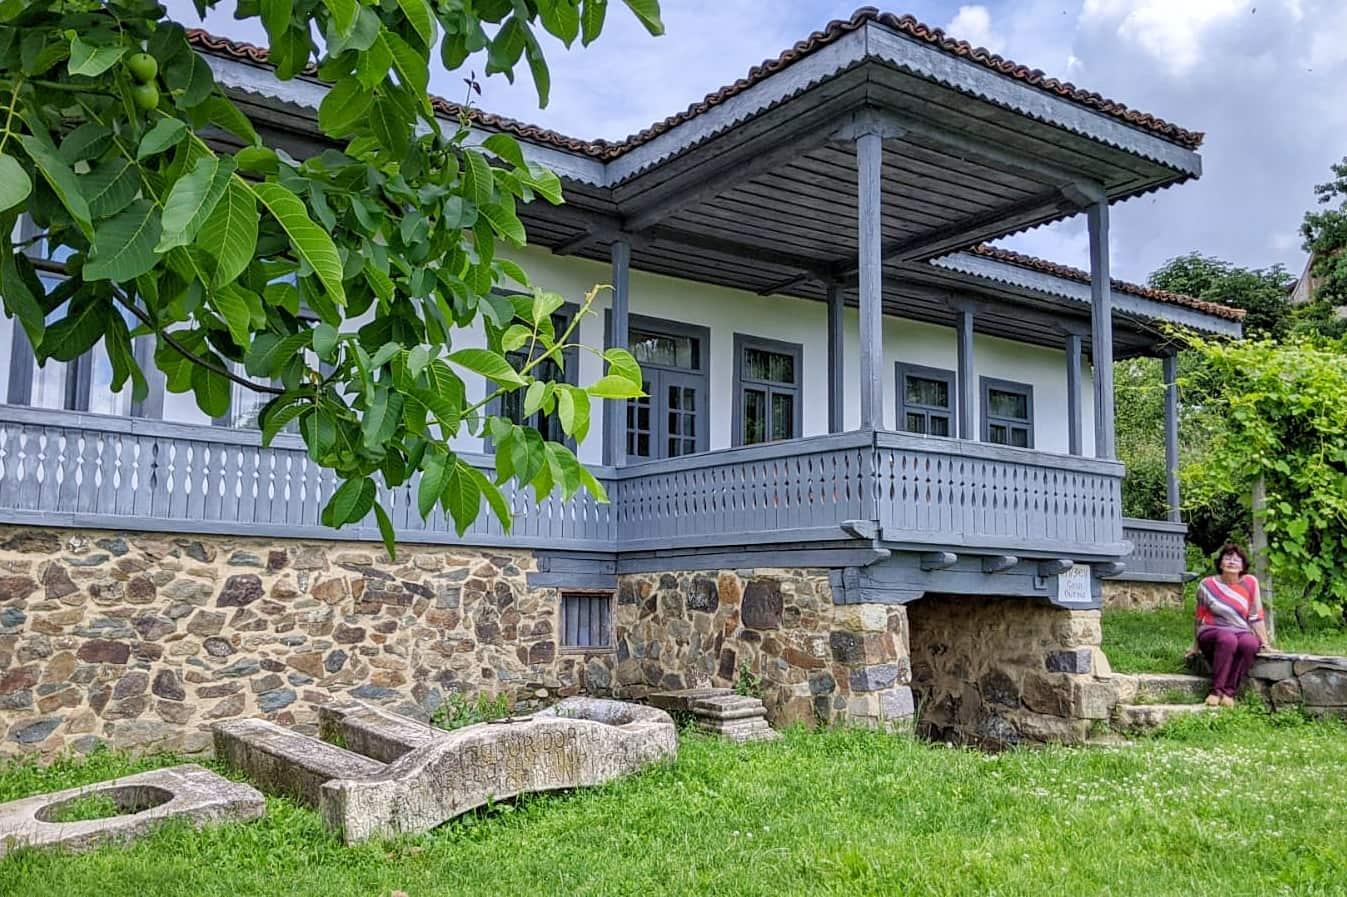 casa-traditionala-dobrogeana-dervent-dobrogea-de-patrimoniu